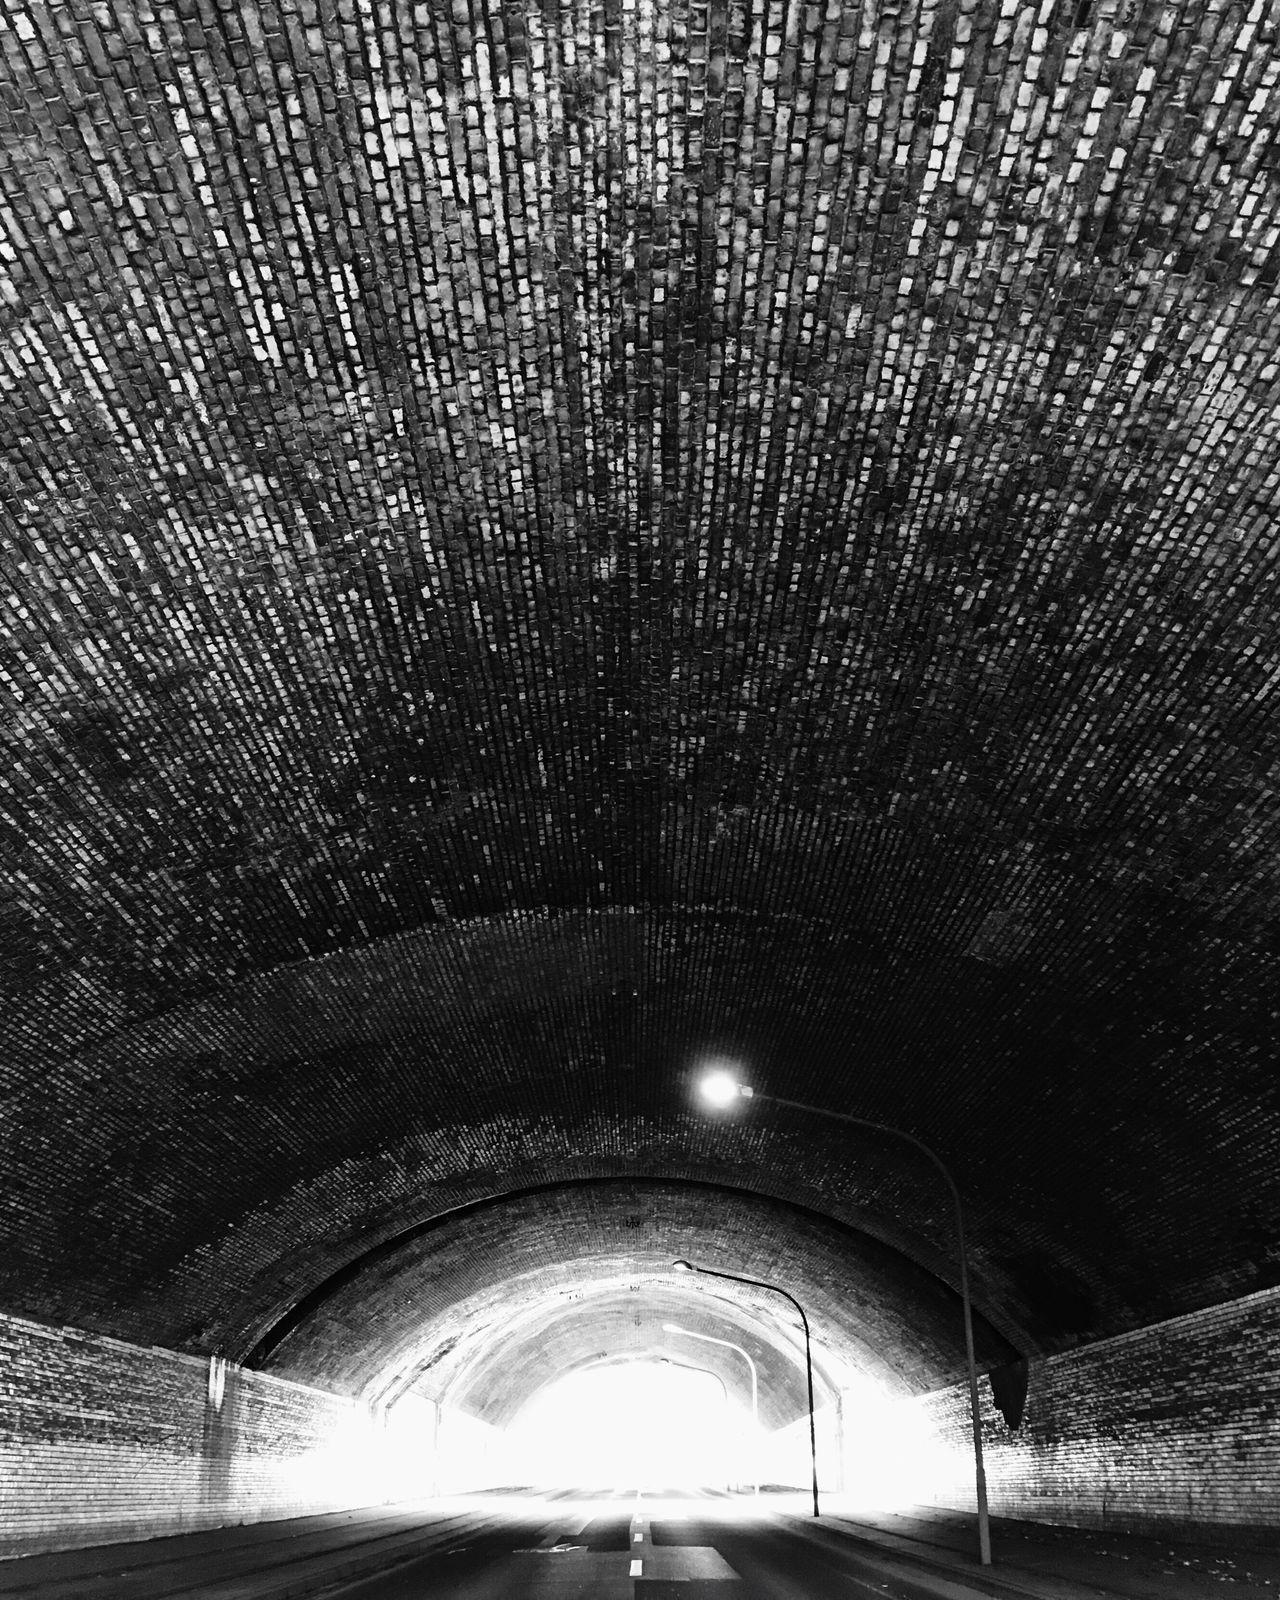 tunnel Tunnel Blackandwhite Texture Light Street